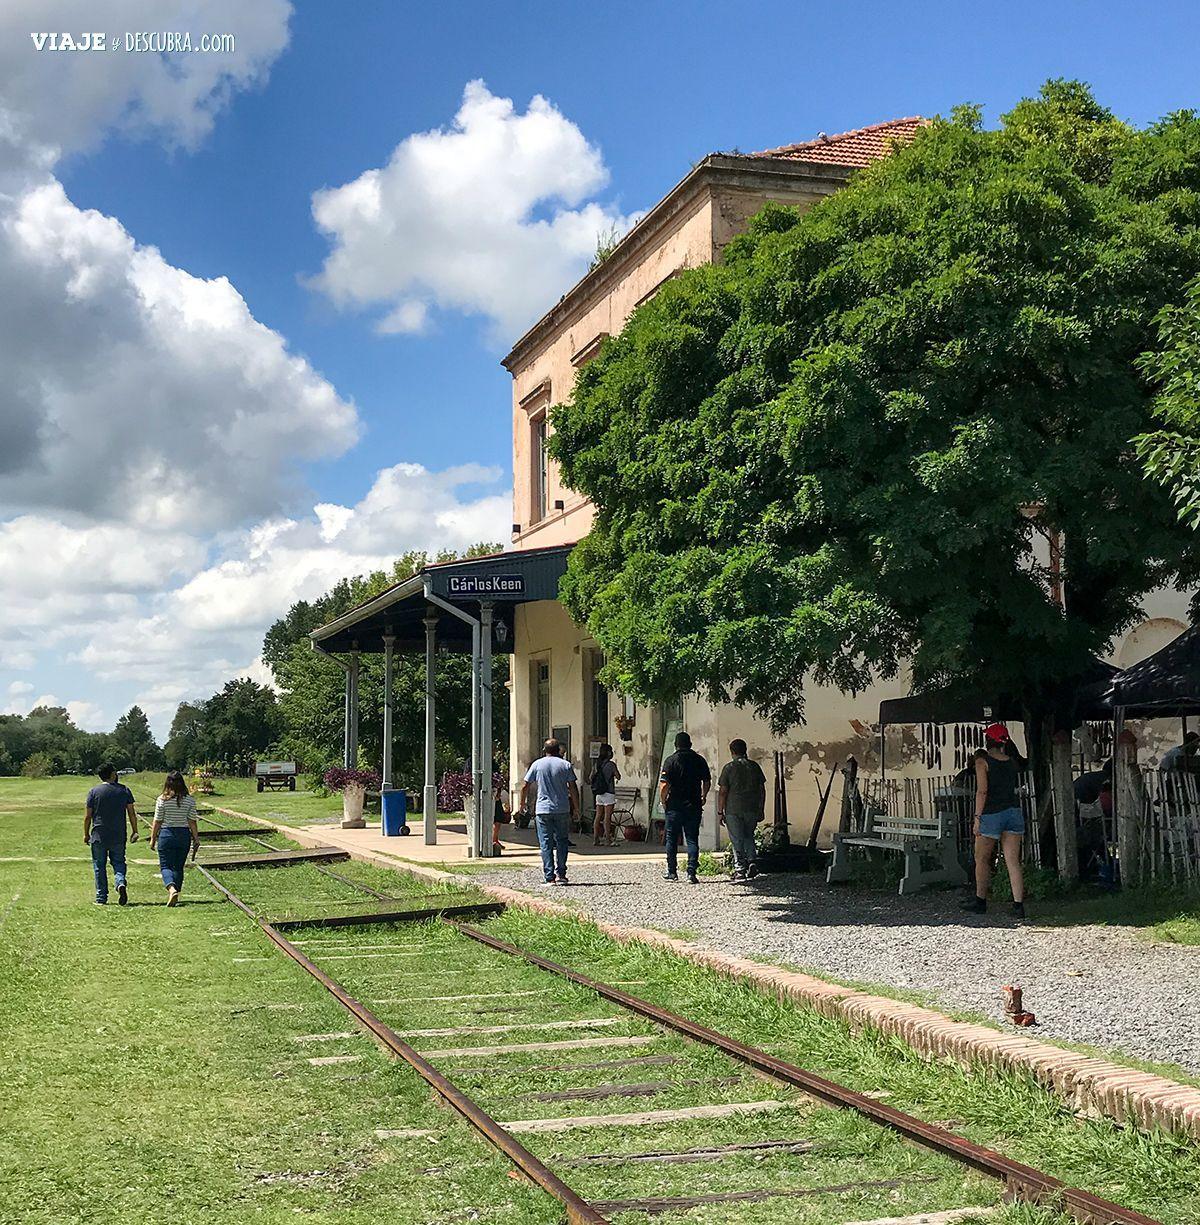 Estación de tren de Carlos Keen